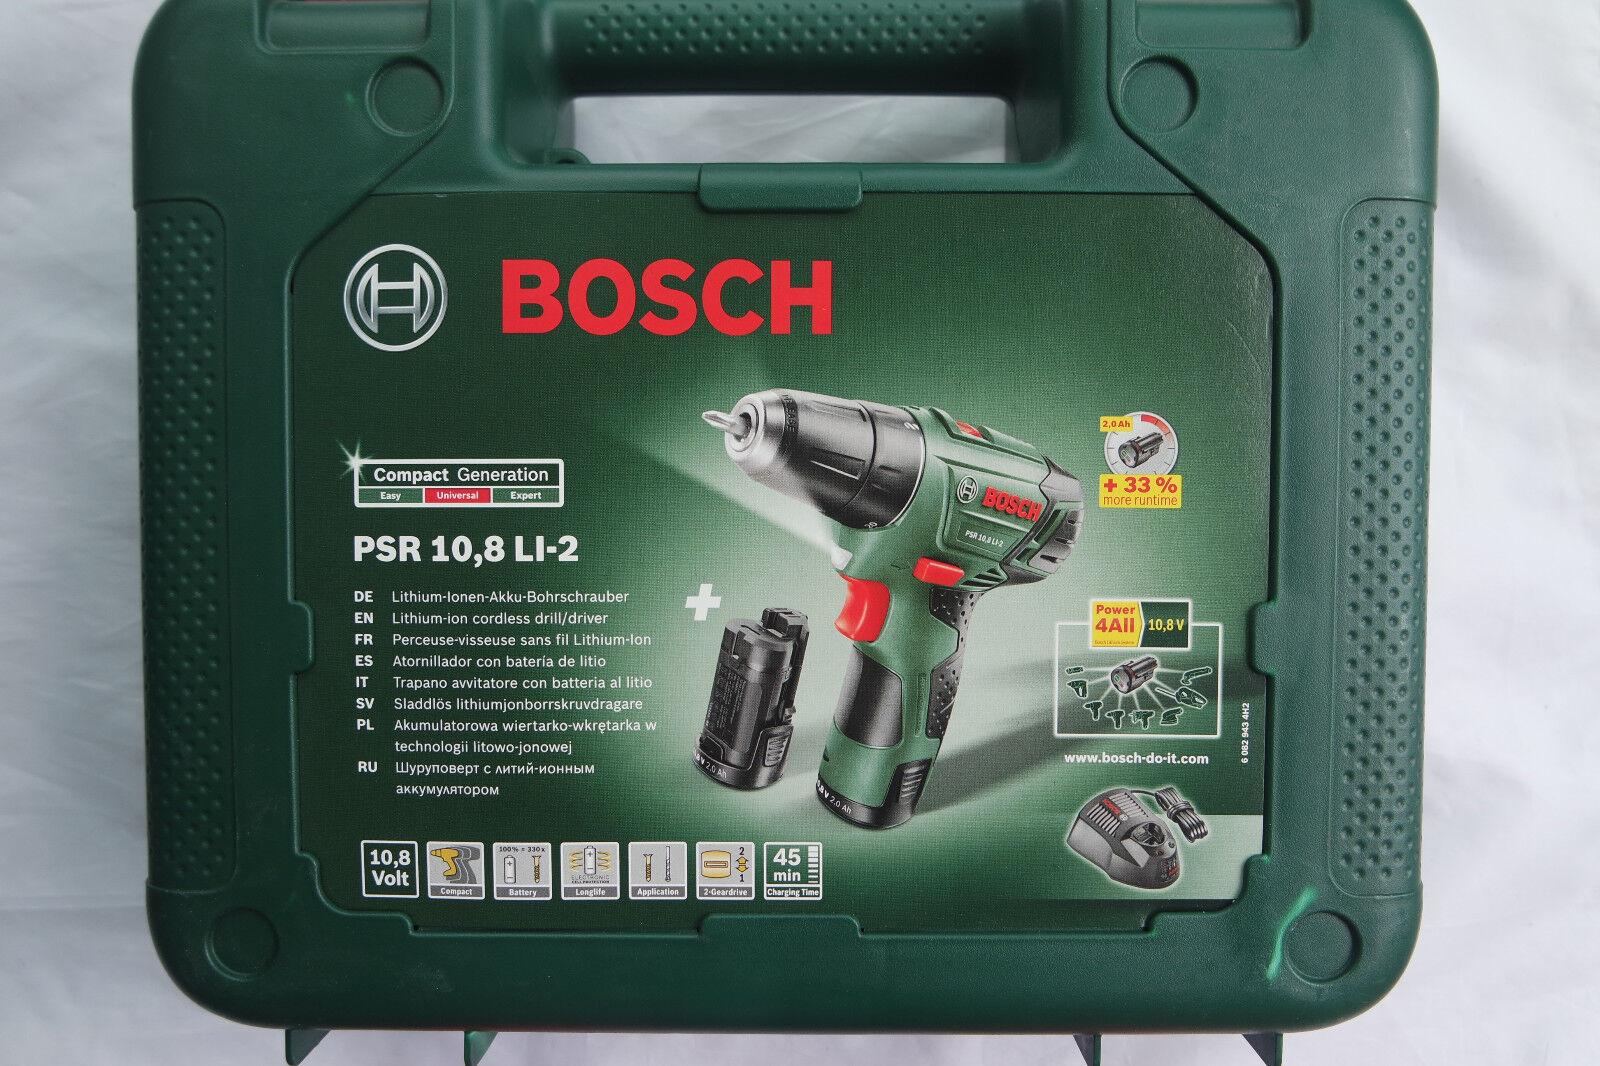 Bosch PSR 10,8 LI-2 - 2 Akku-Bohrschrauber